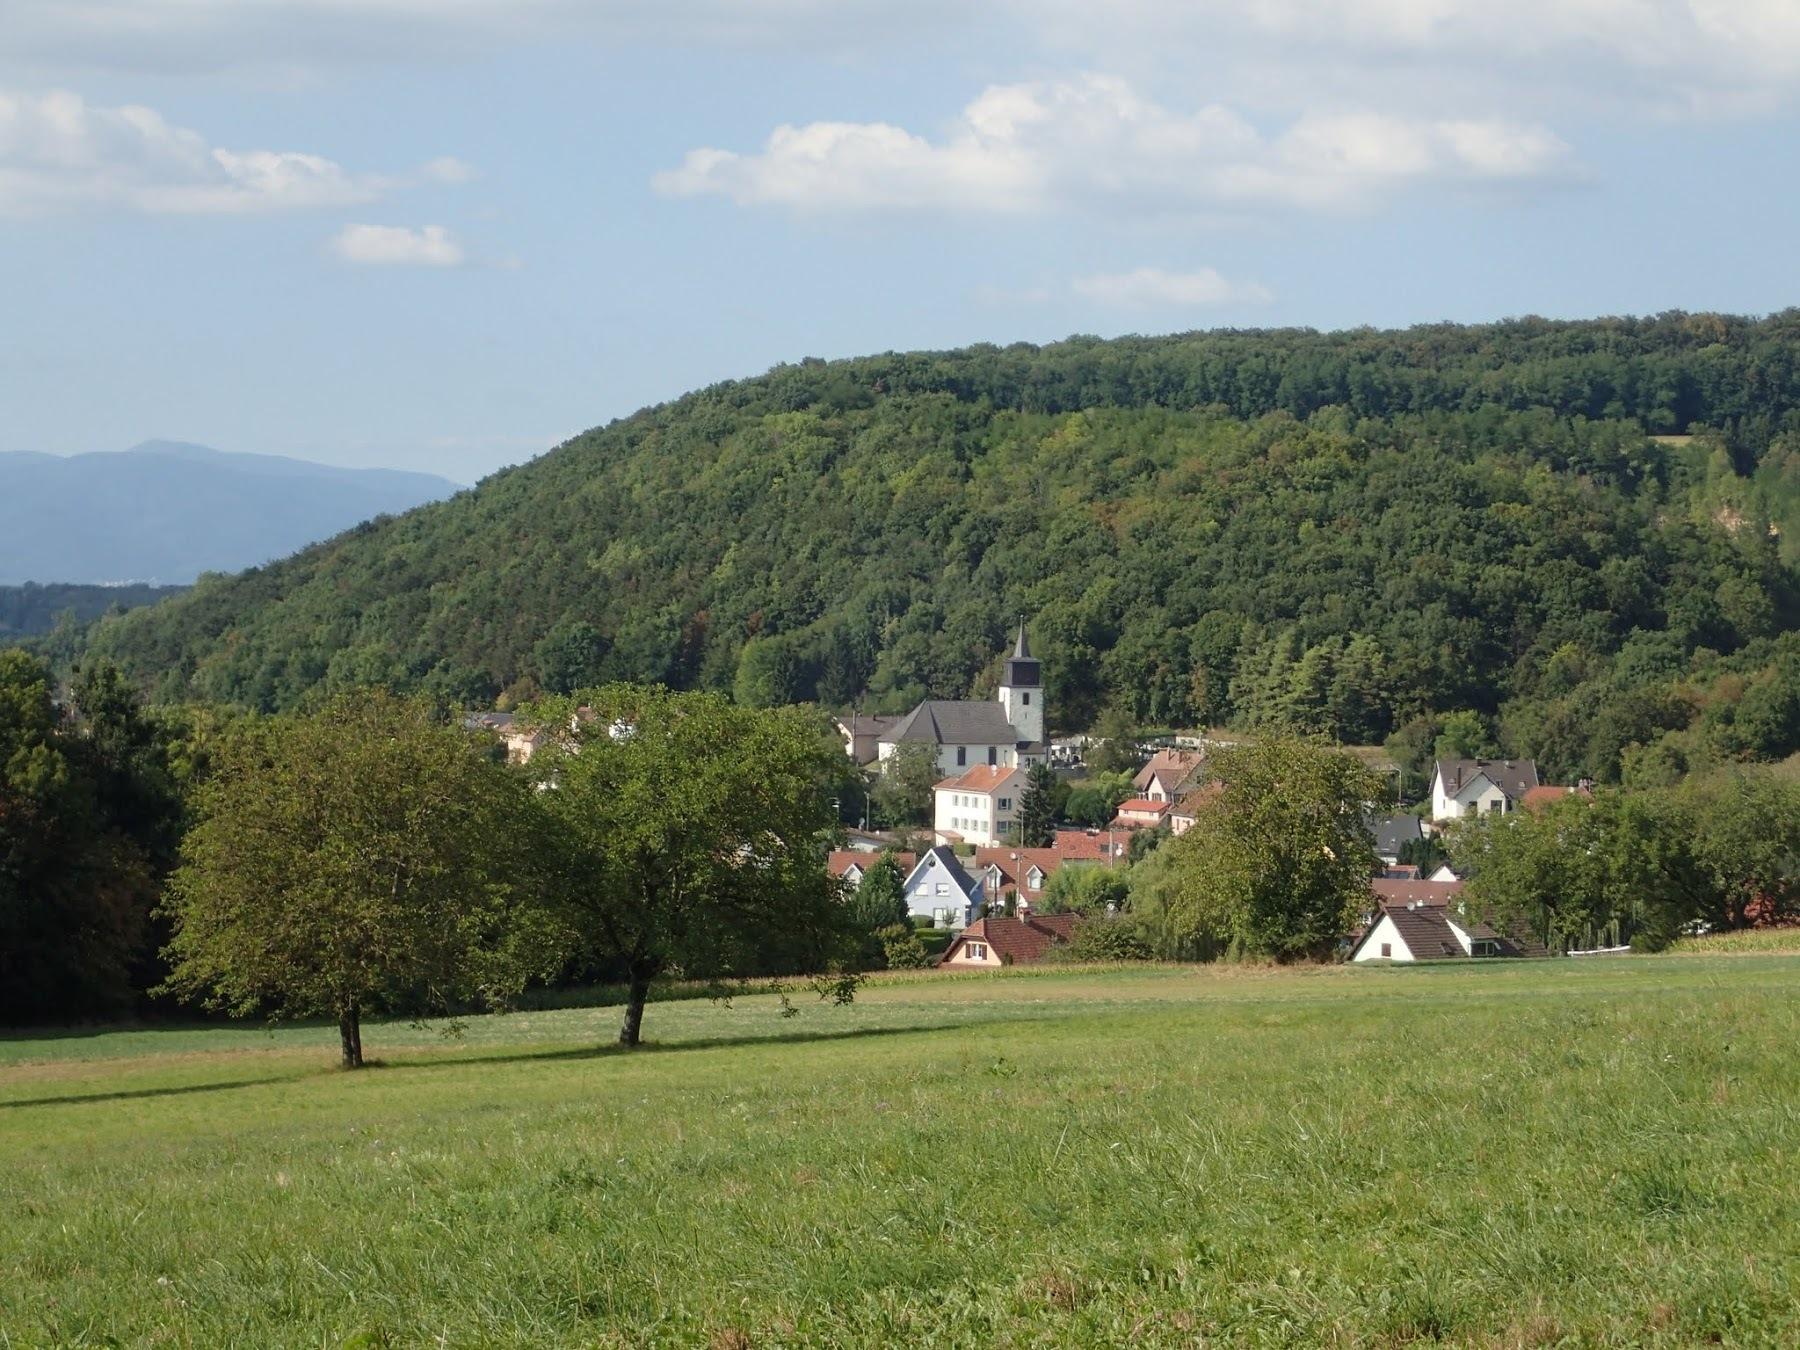 Office de tourisme Sundgau